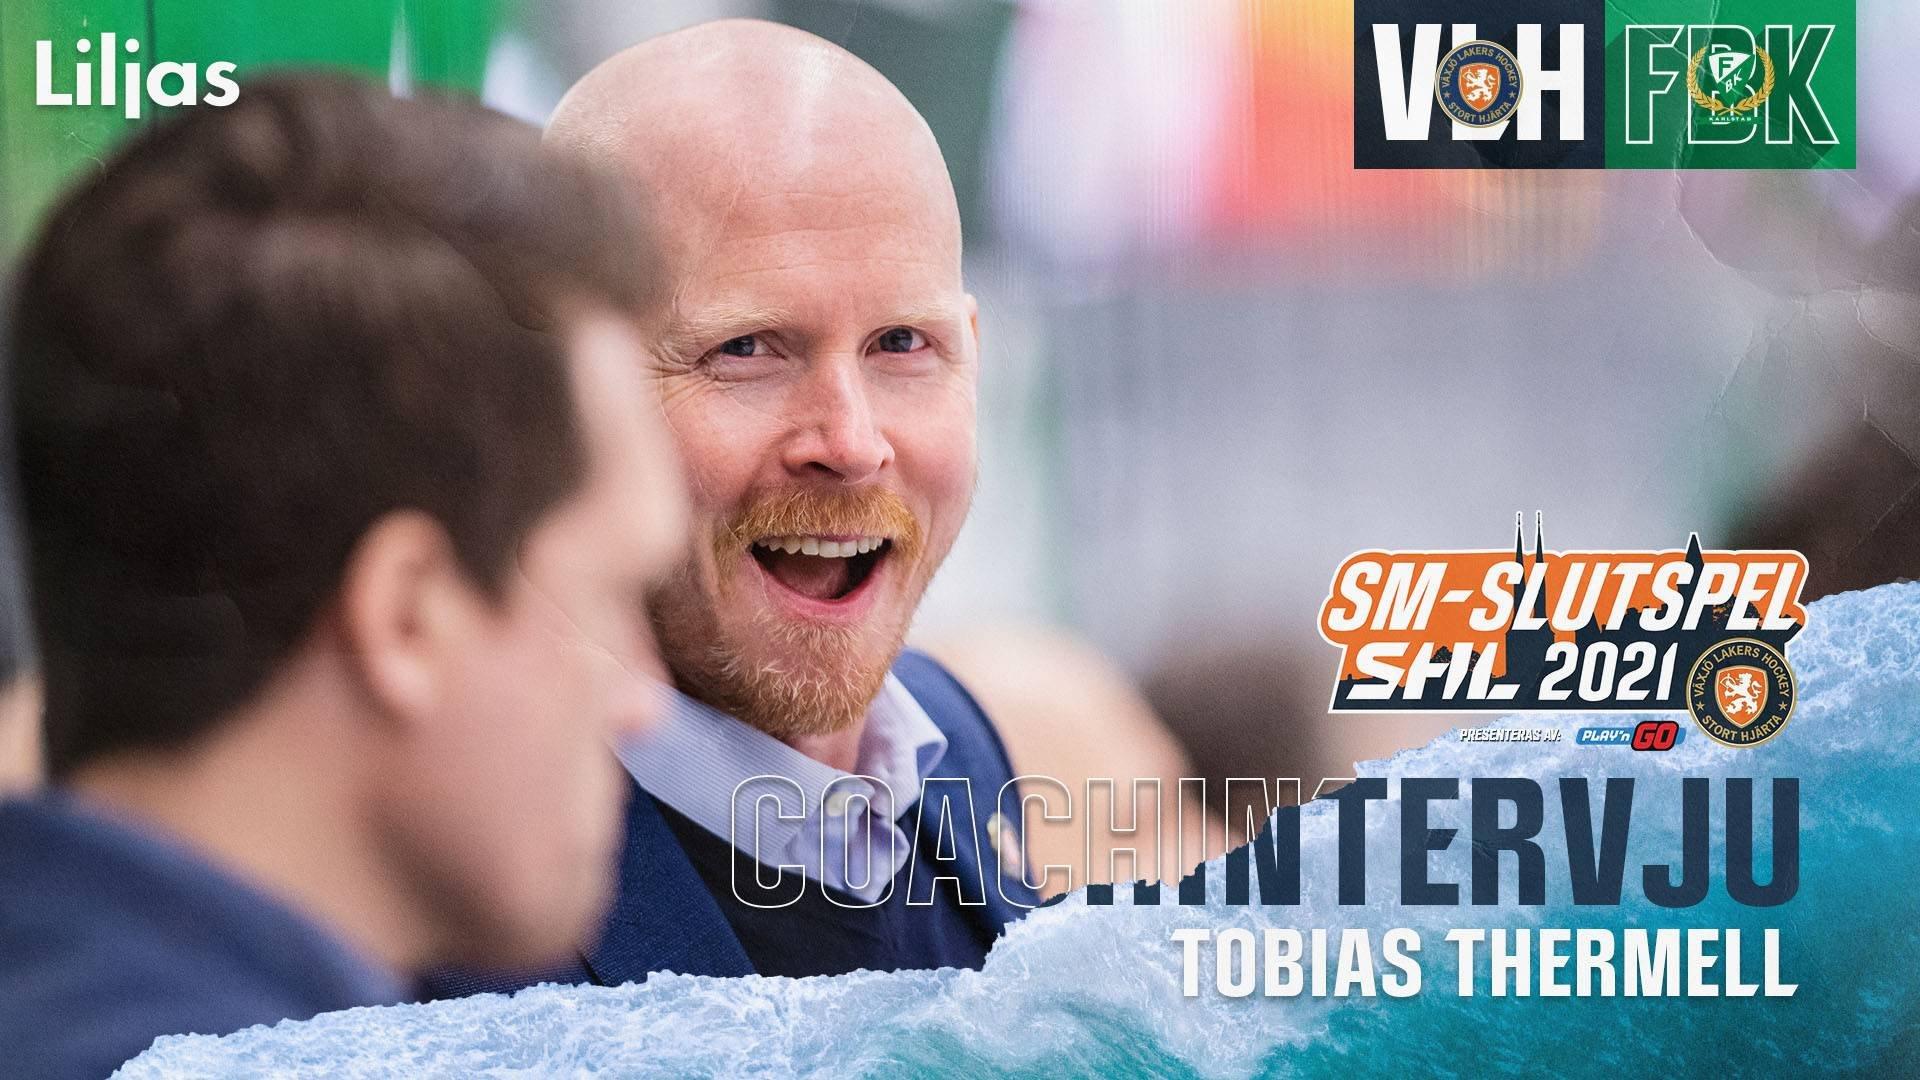 Coachintervju Tobias Thermell